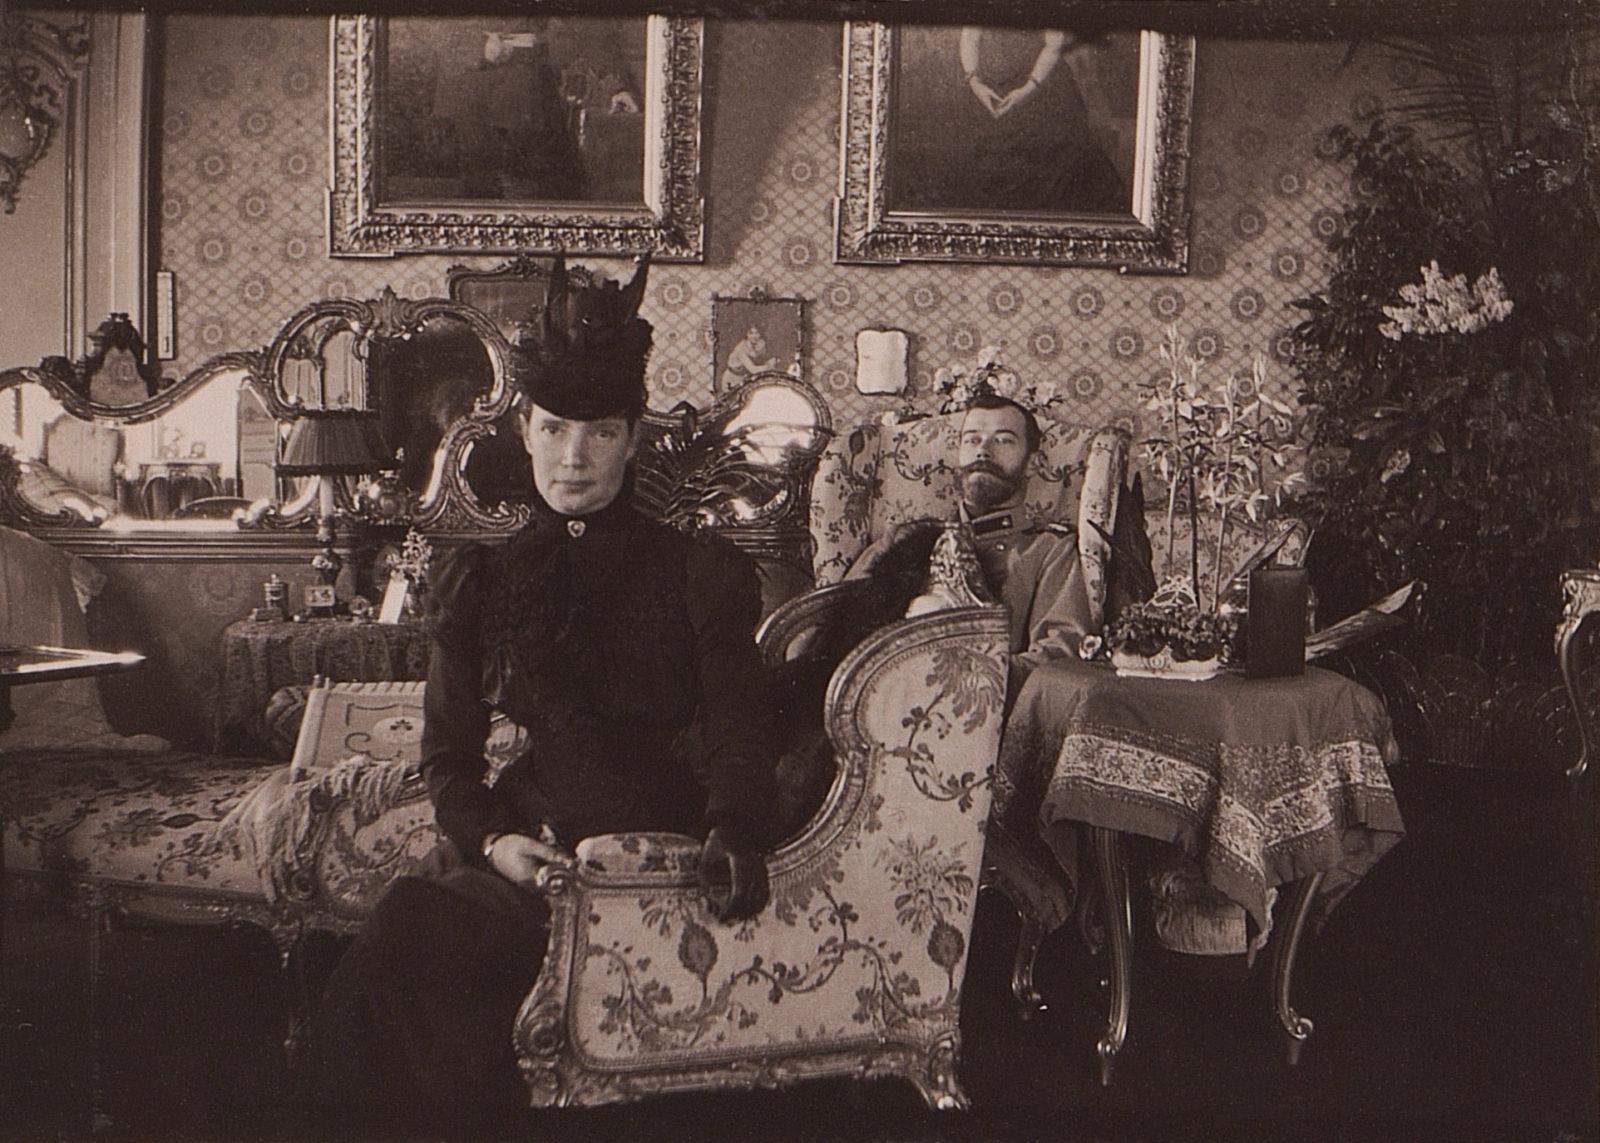 Emperor Nicholas II with his mother Empress Maria Feodorovna